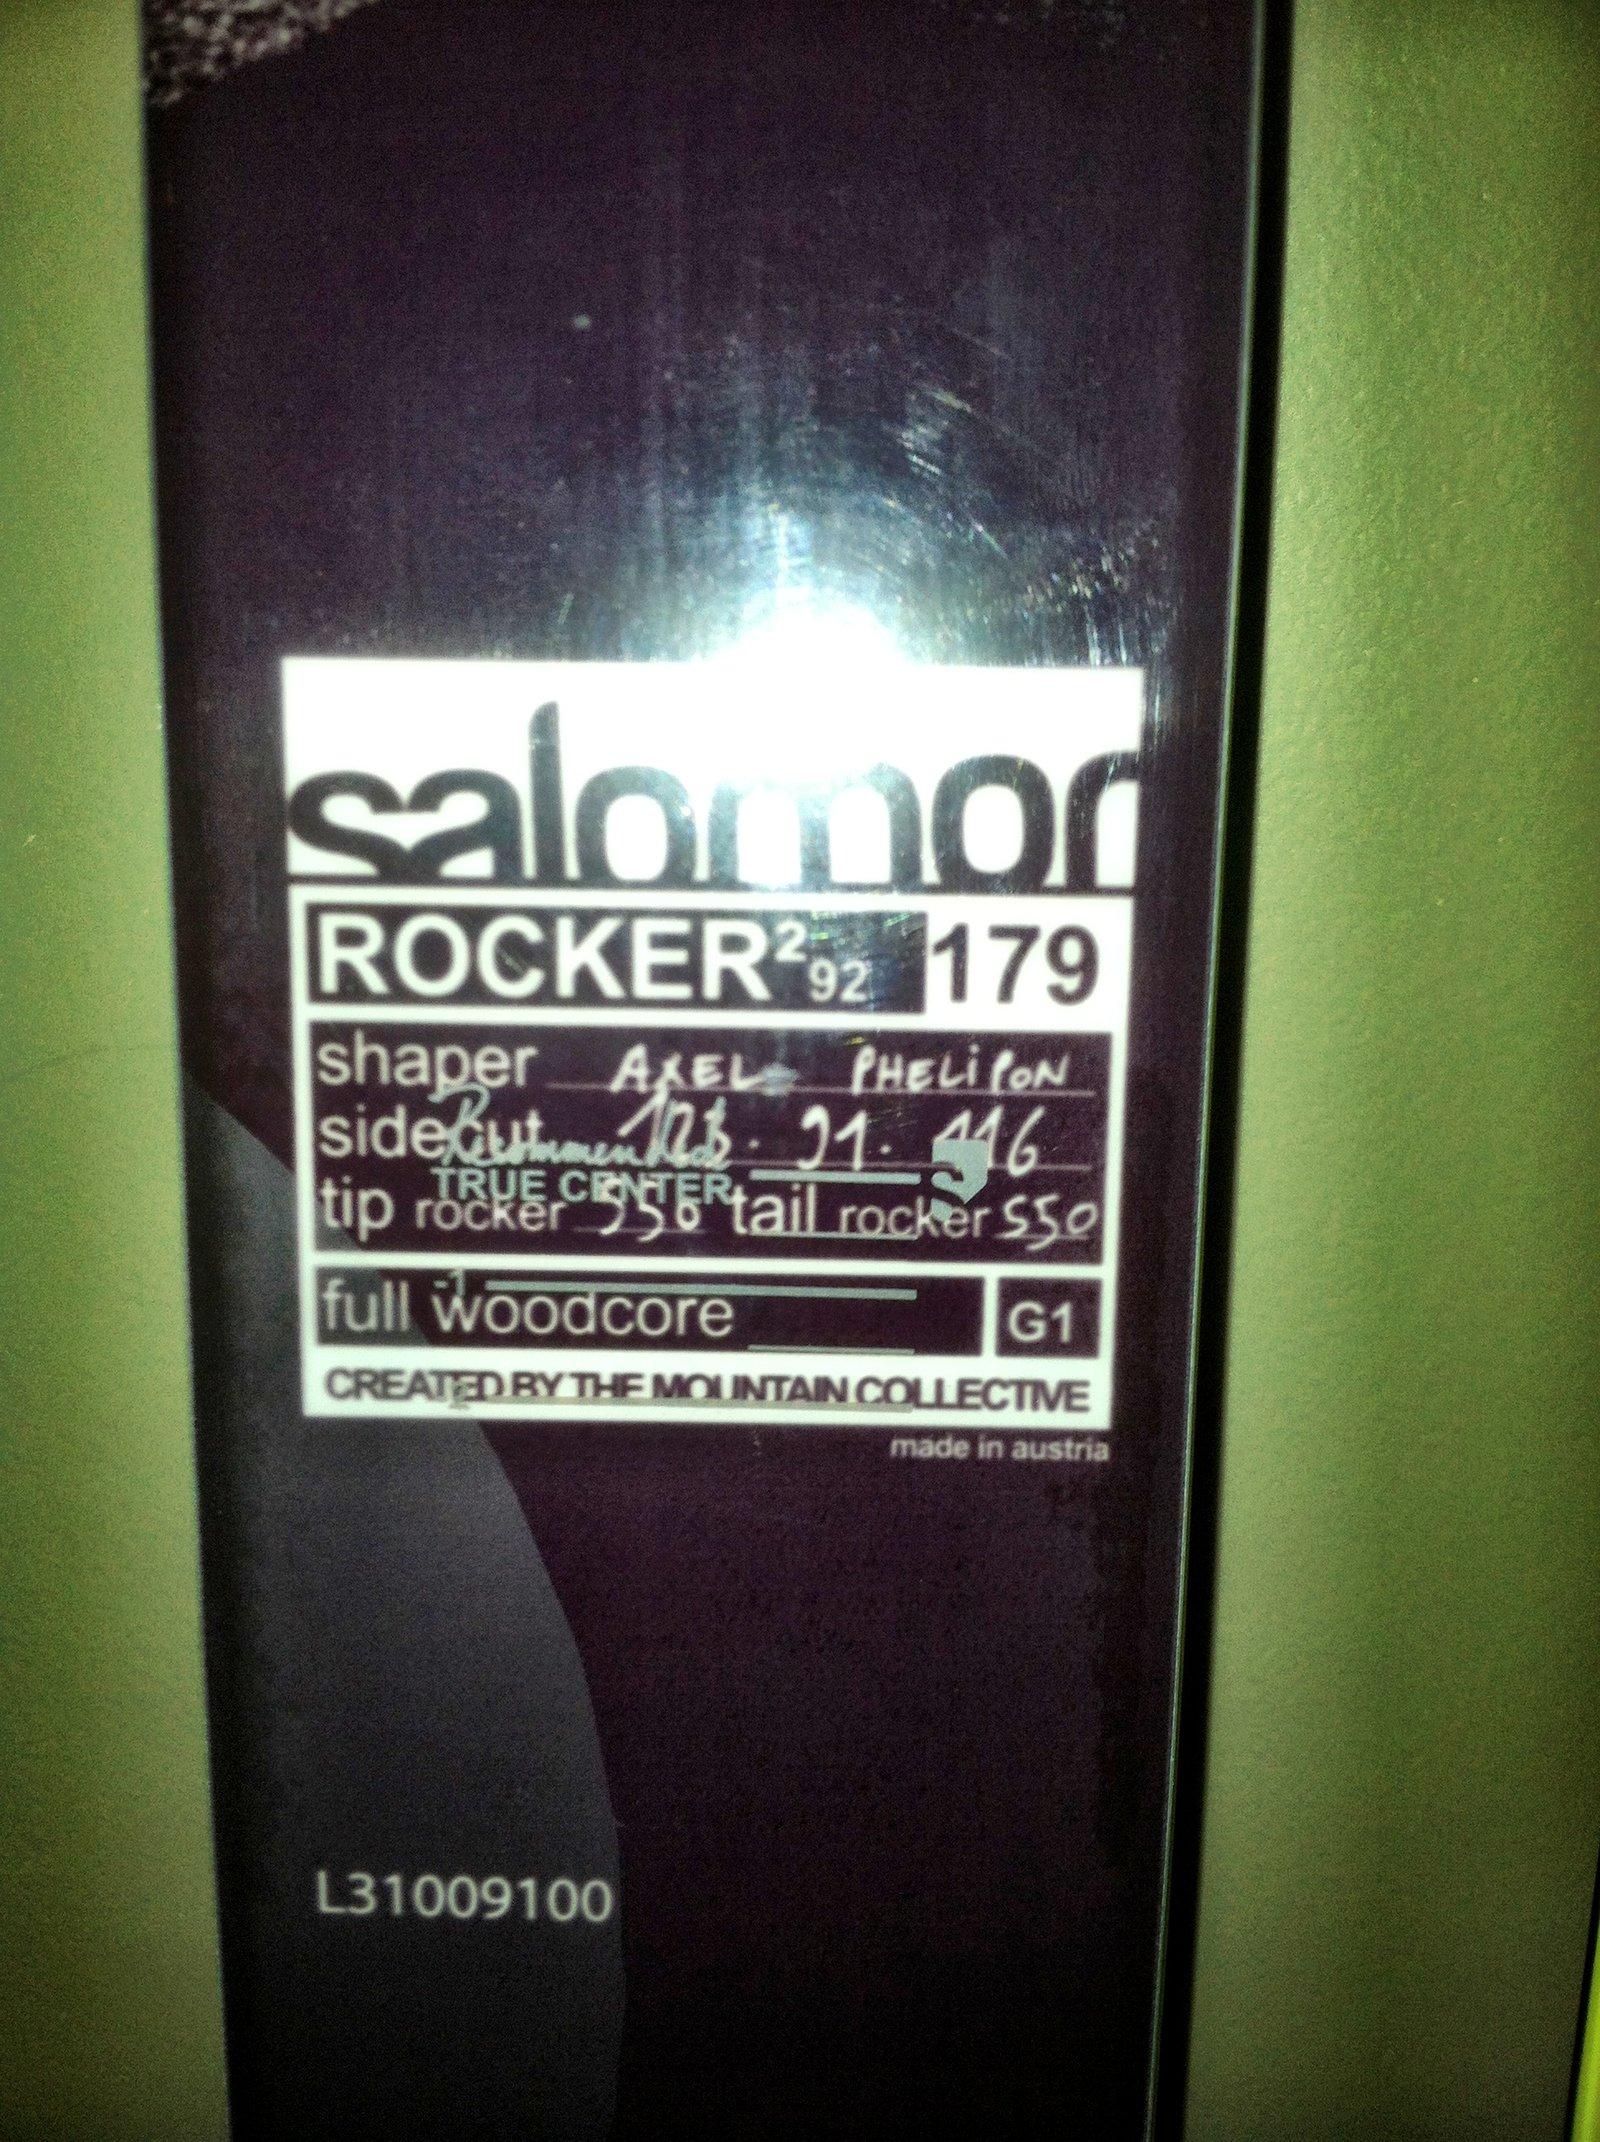 Info of 2013 Rocker2 92s